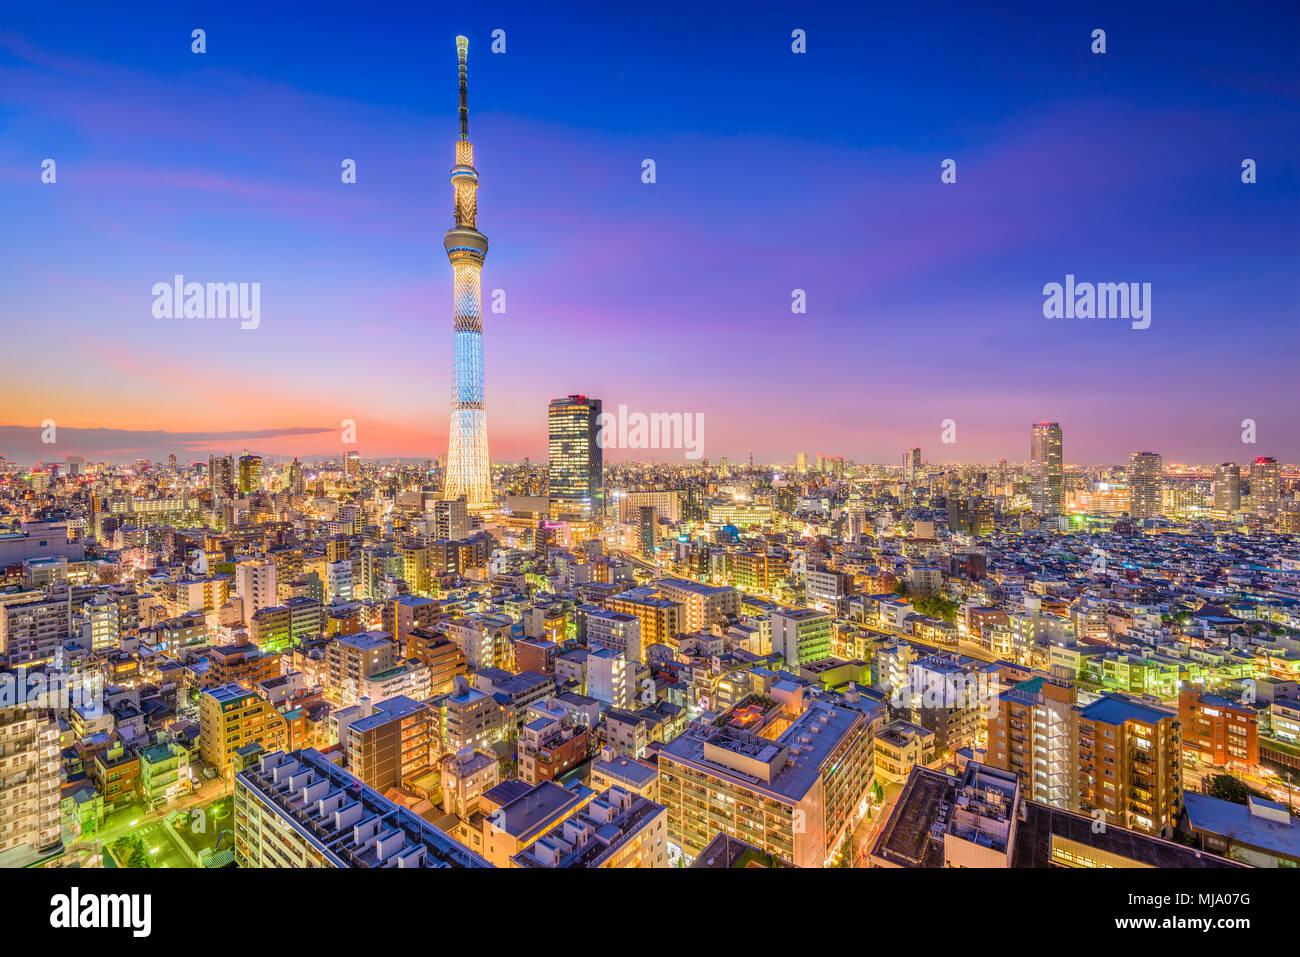 Tokio, Japan Stadtbild und Turm in der Abenddämmerung. Stockbild